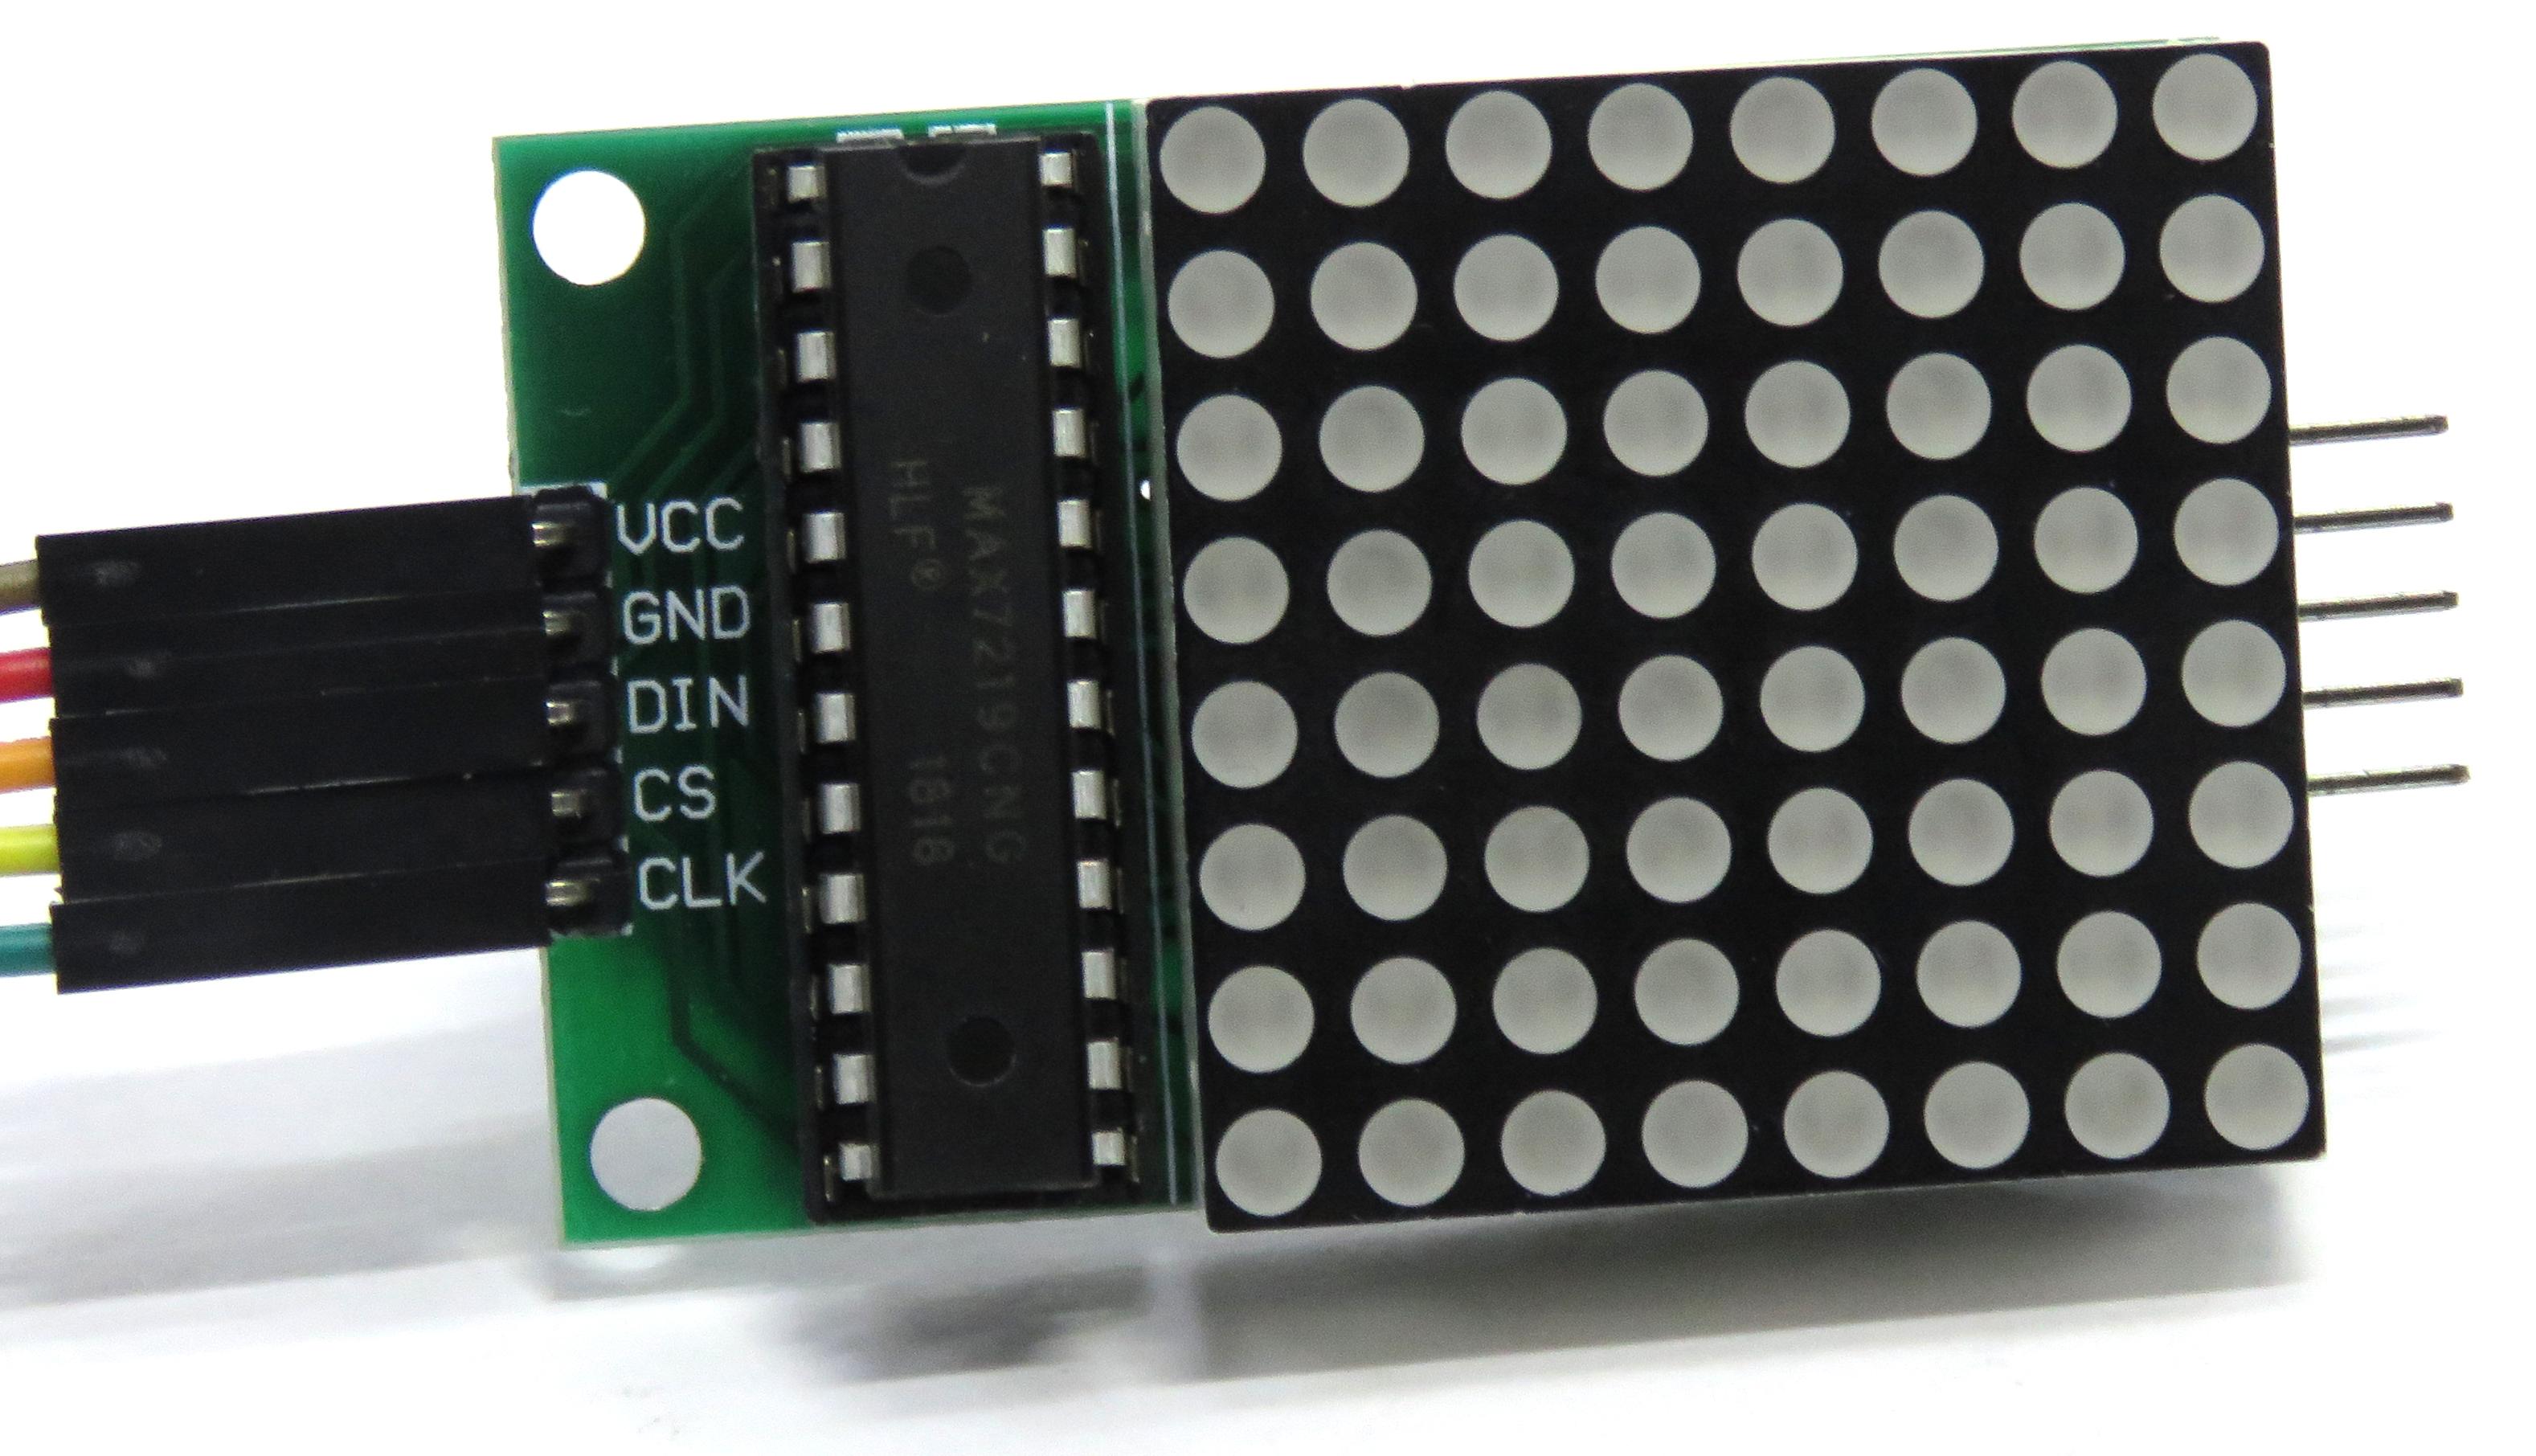 MAX7219 8x8 LED Matrix Board for Arduino